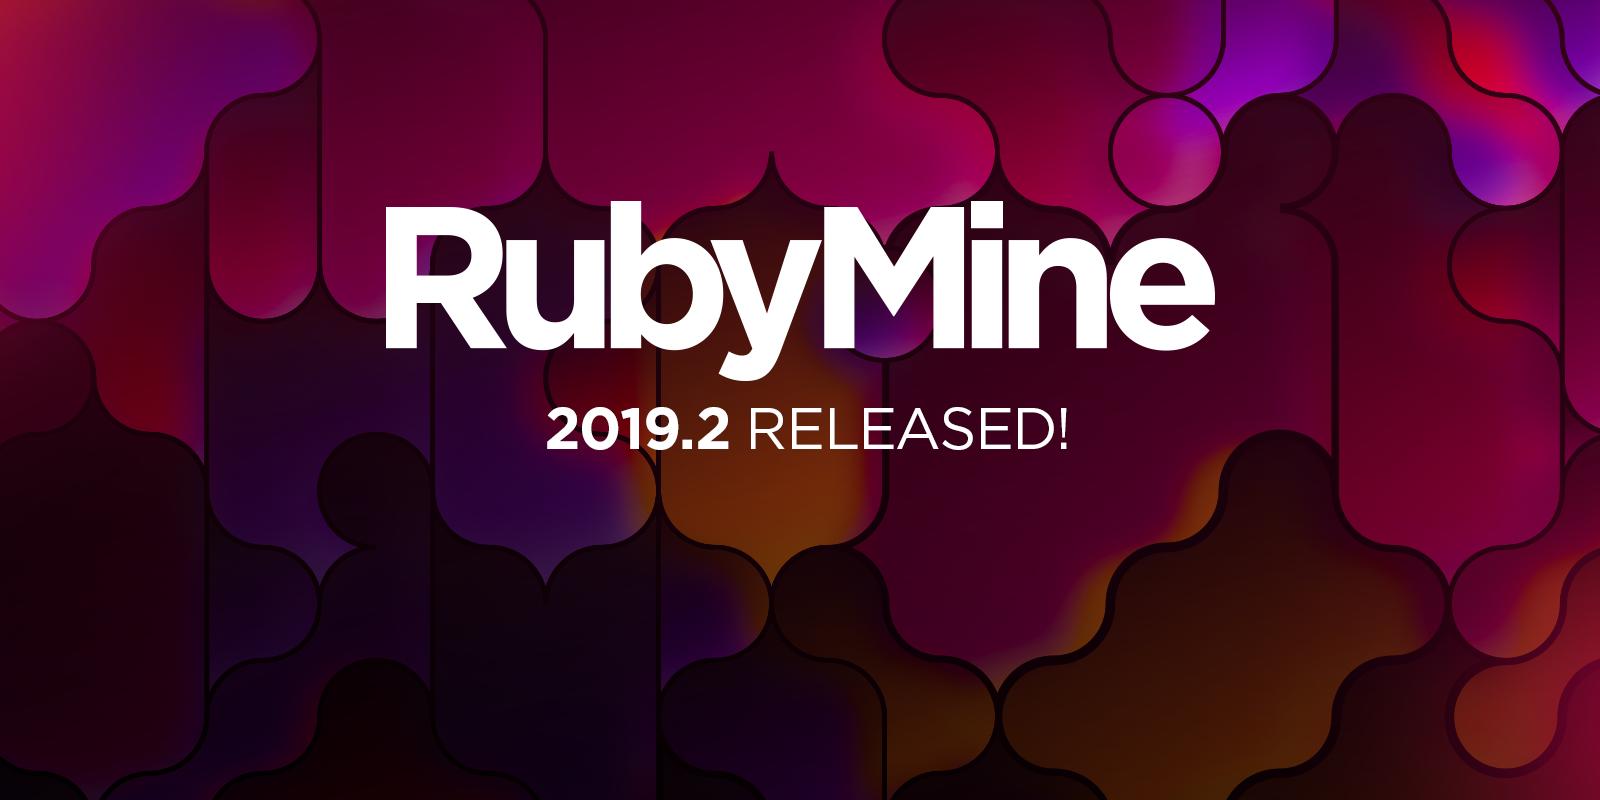 RubyMine 2019.2